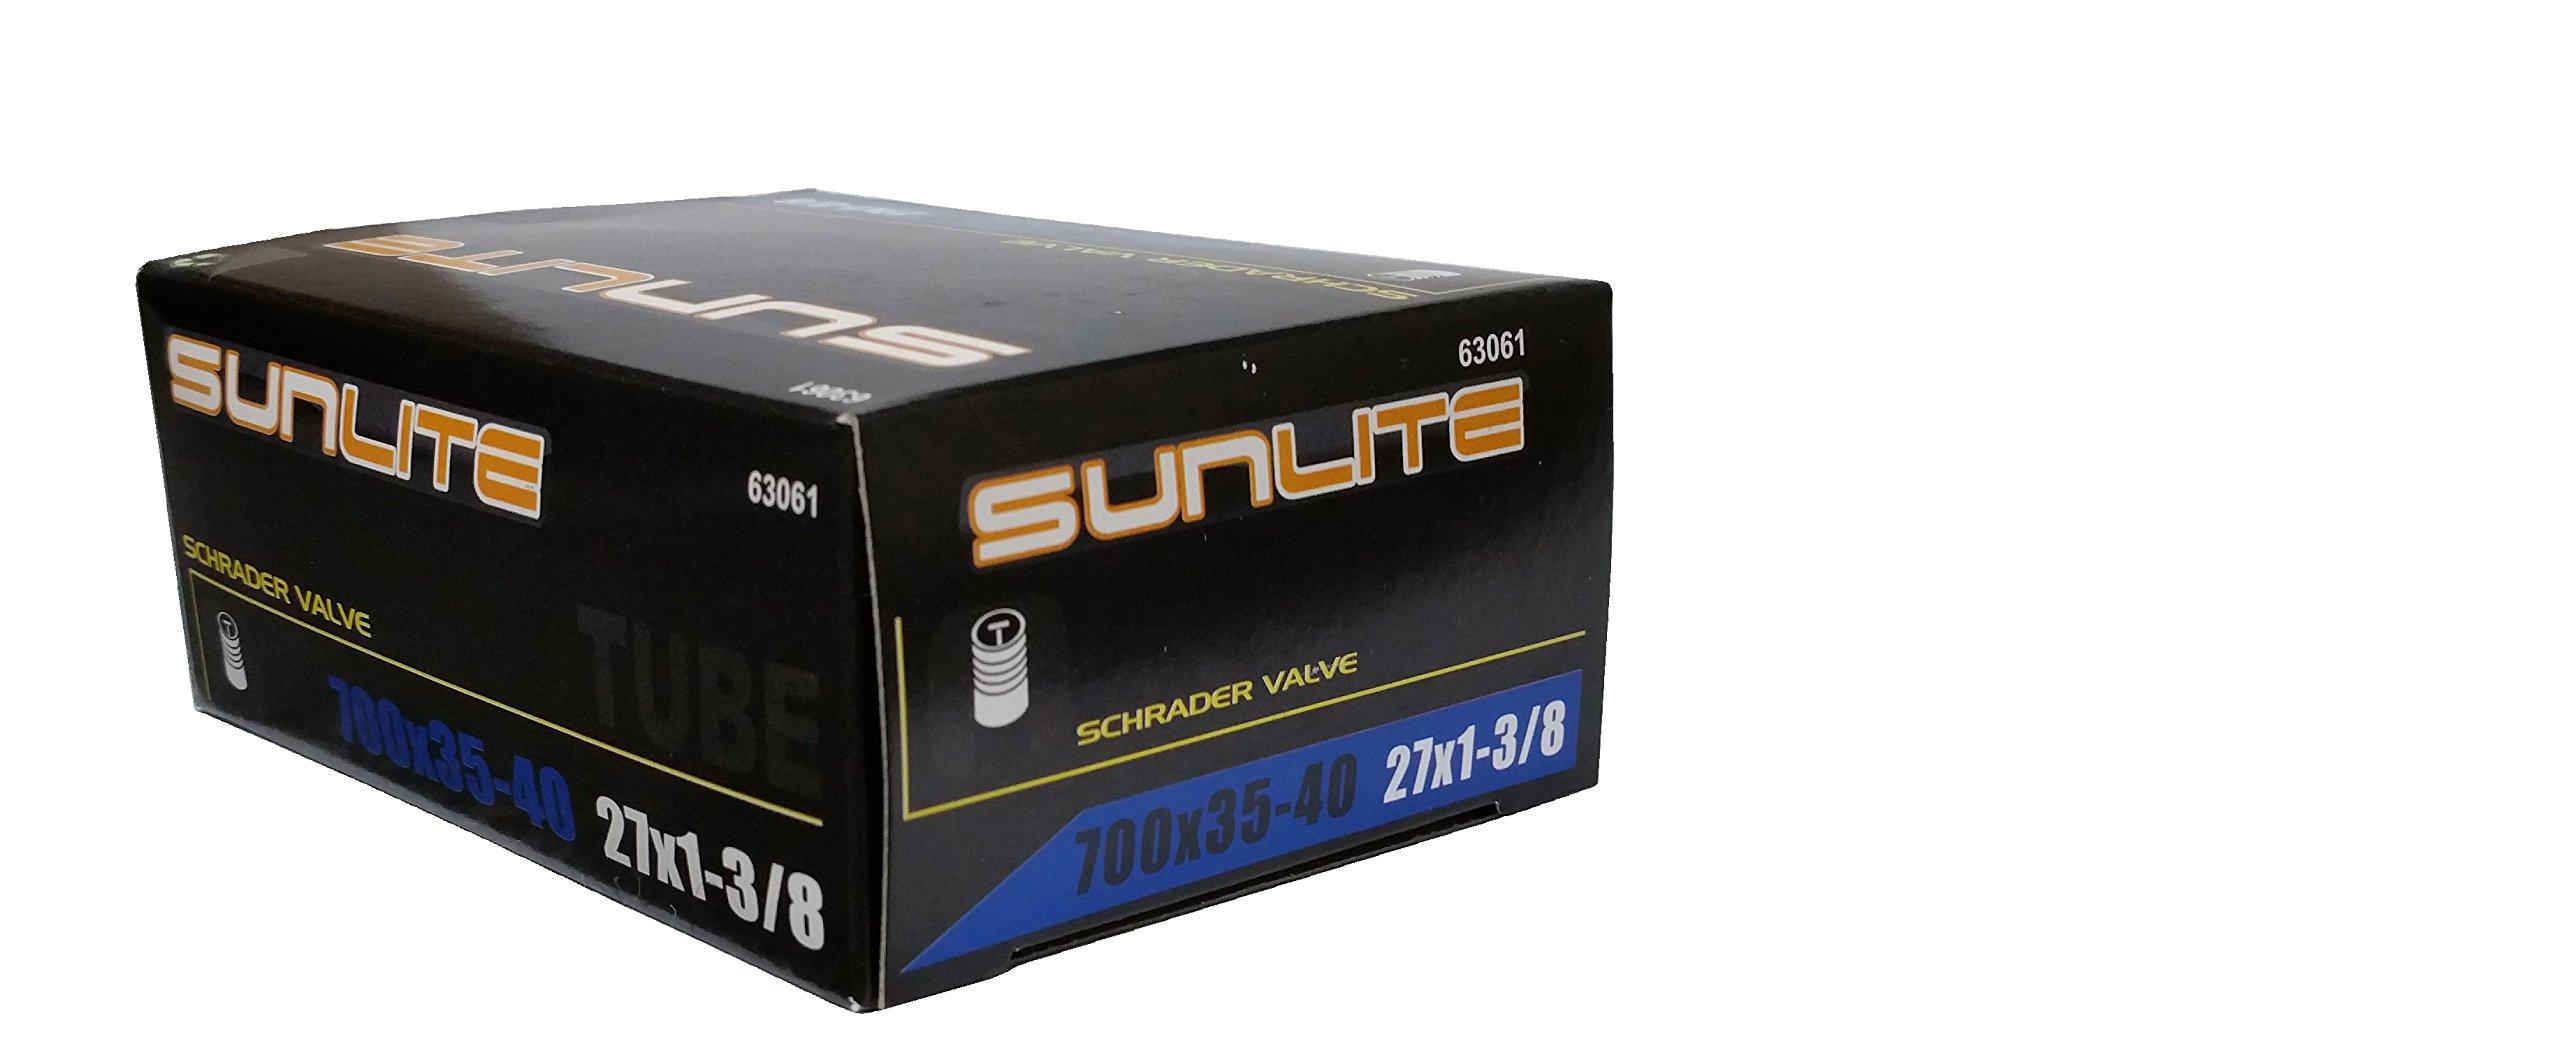 Tube, 700 x 35-40 (27 x 1-3/8) SCHRADER Valve 32mm, Sunlite